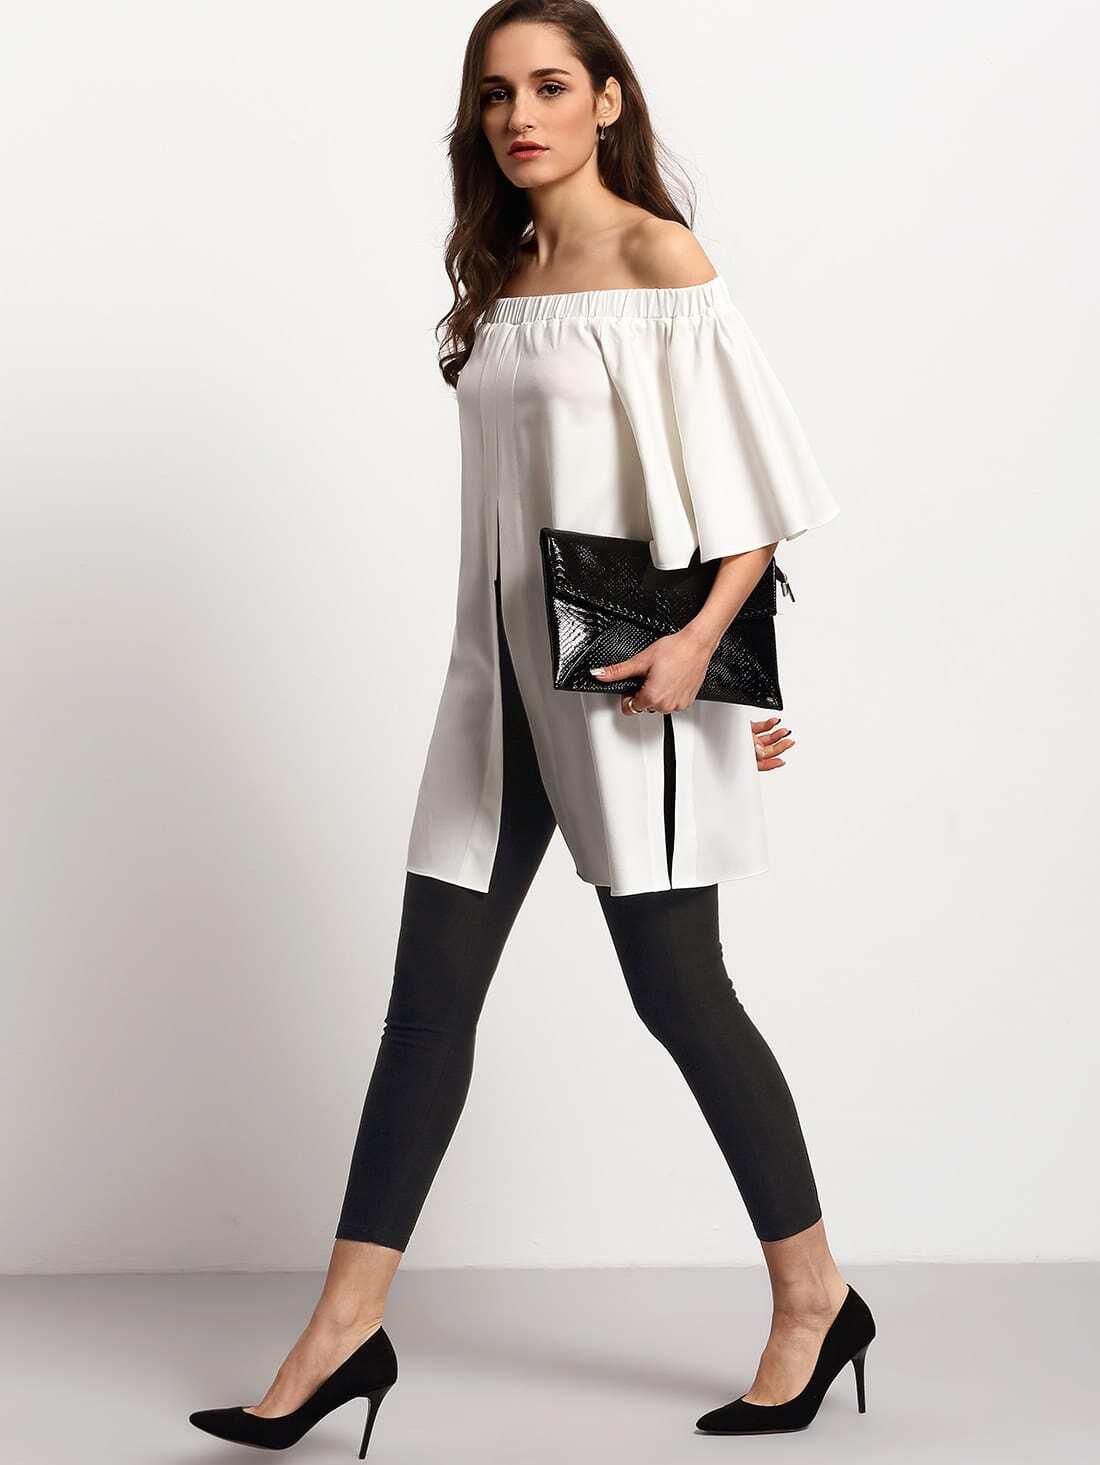 Beige Bell Sleeve Off The Shoulder Split Blouse blouse160318518